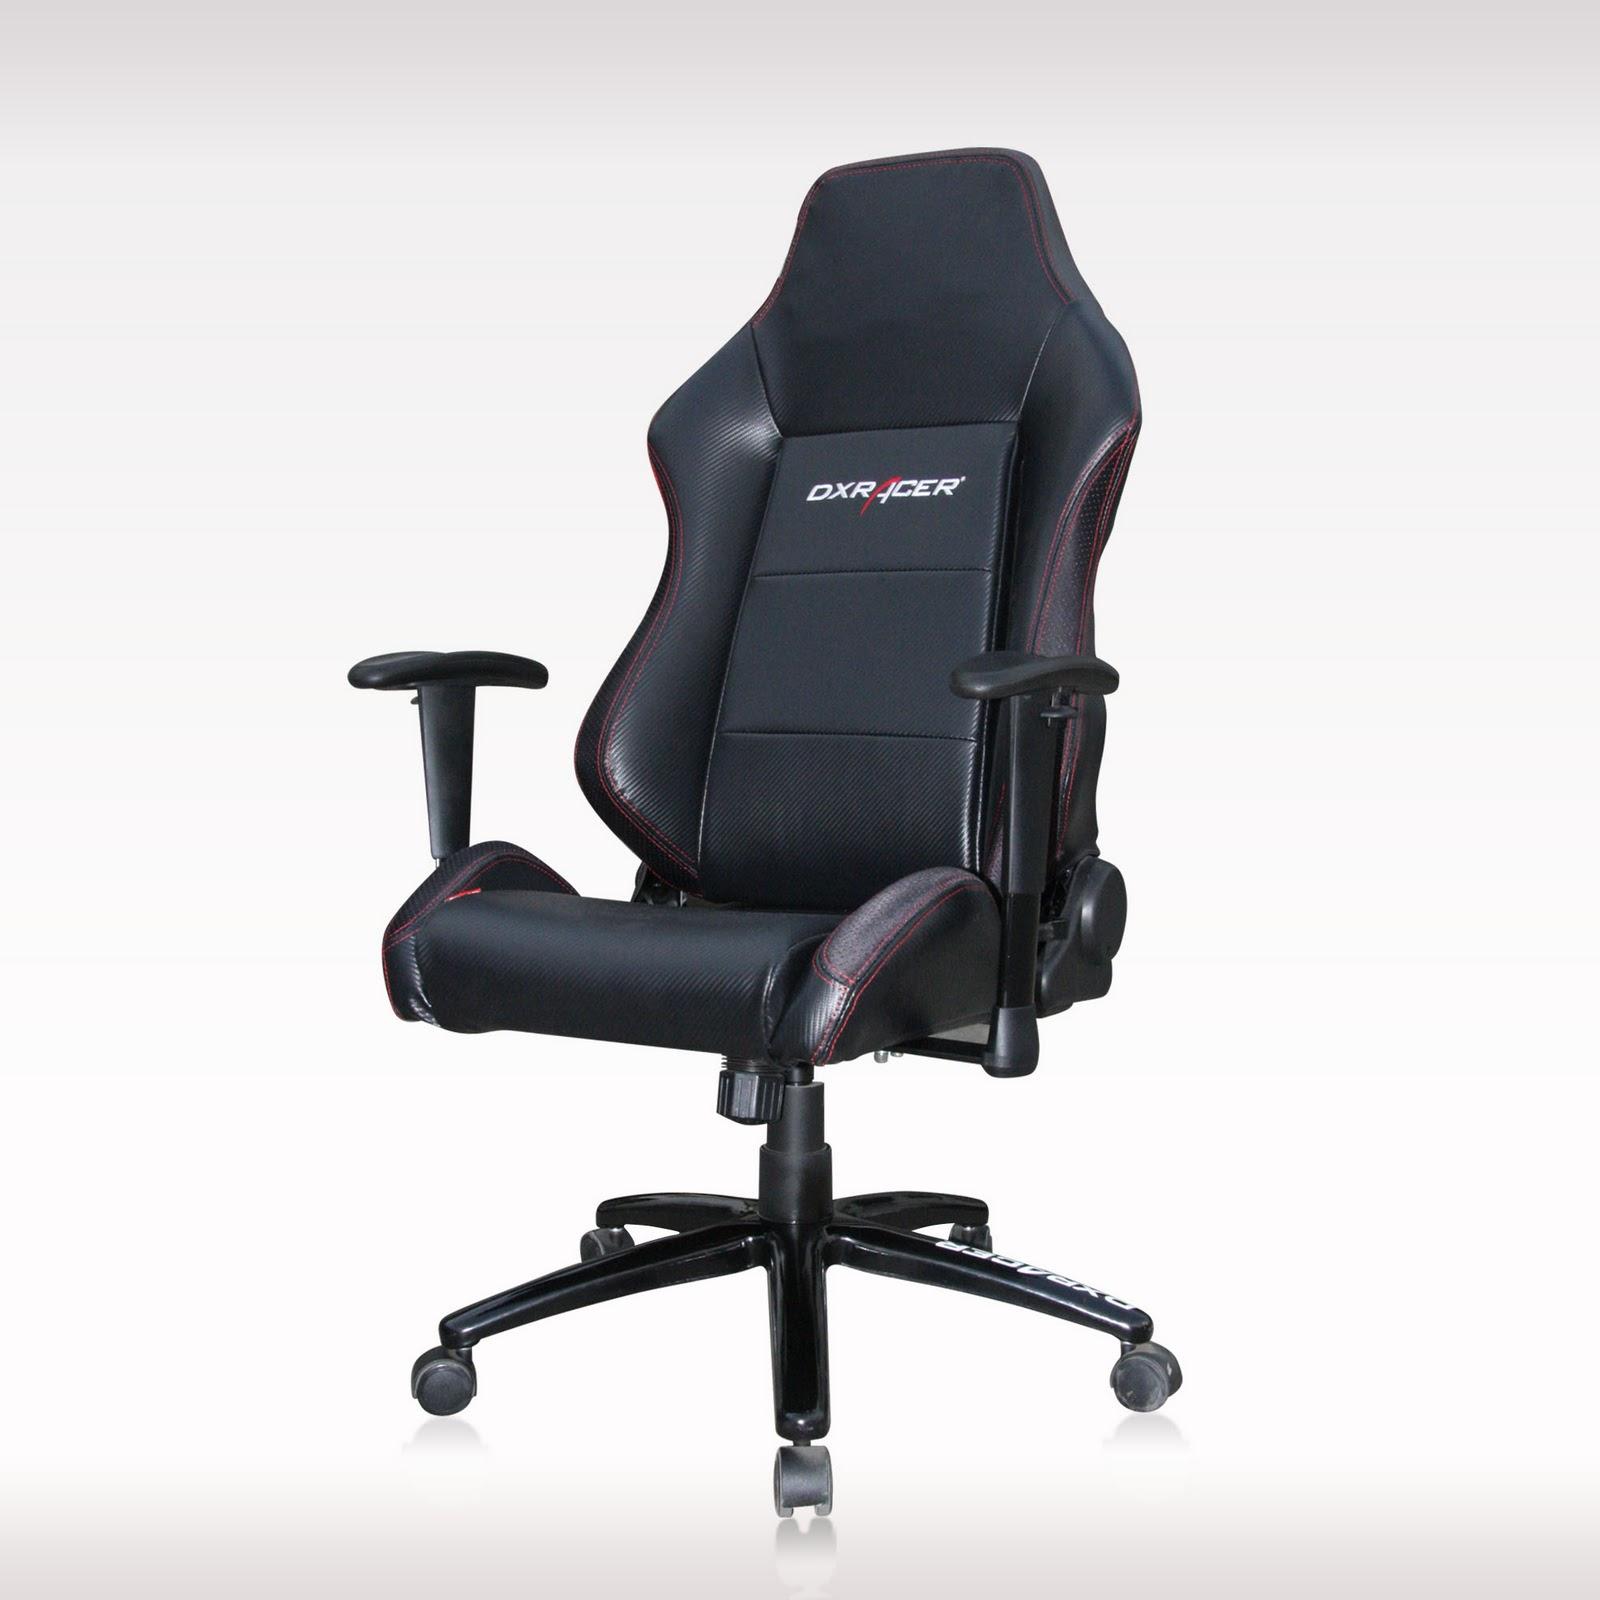 Dxracer Chair Accessories Easy Clean High Australia Ajshoppinghub